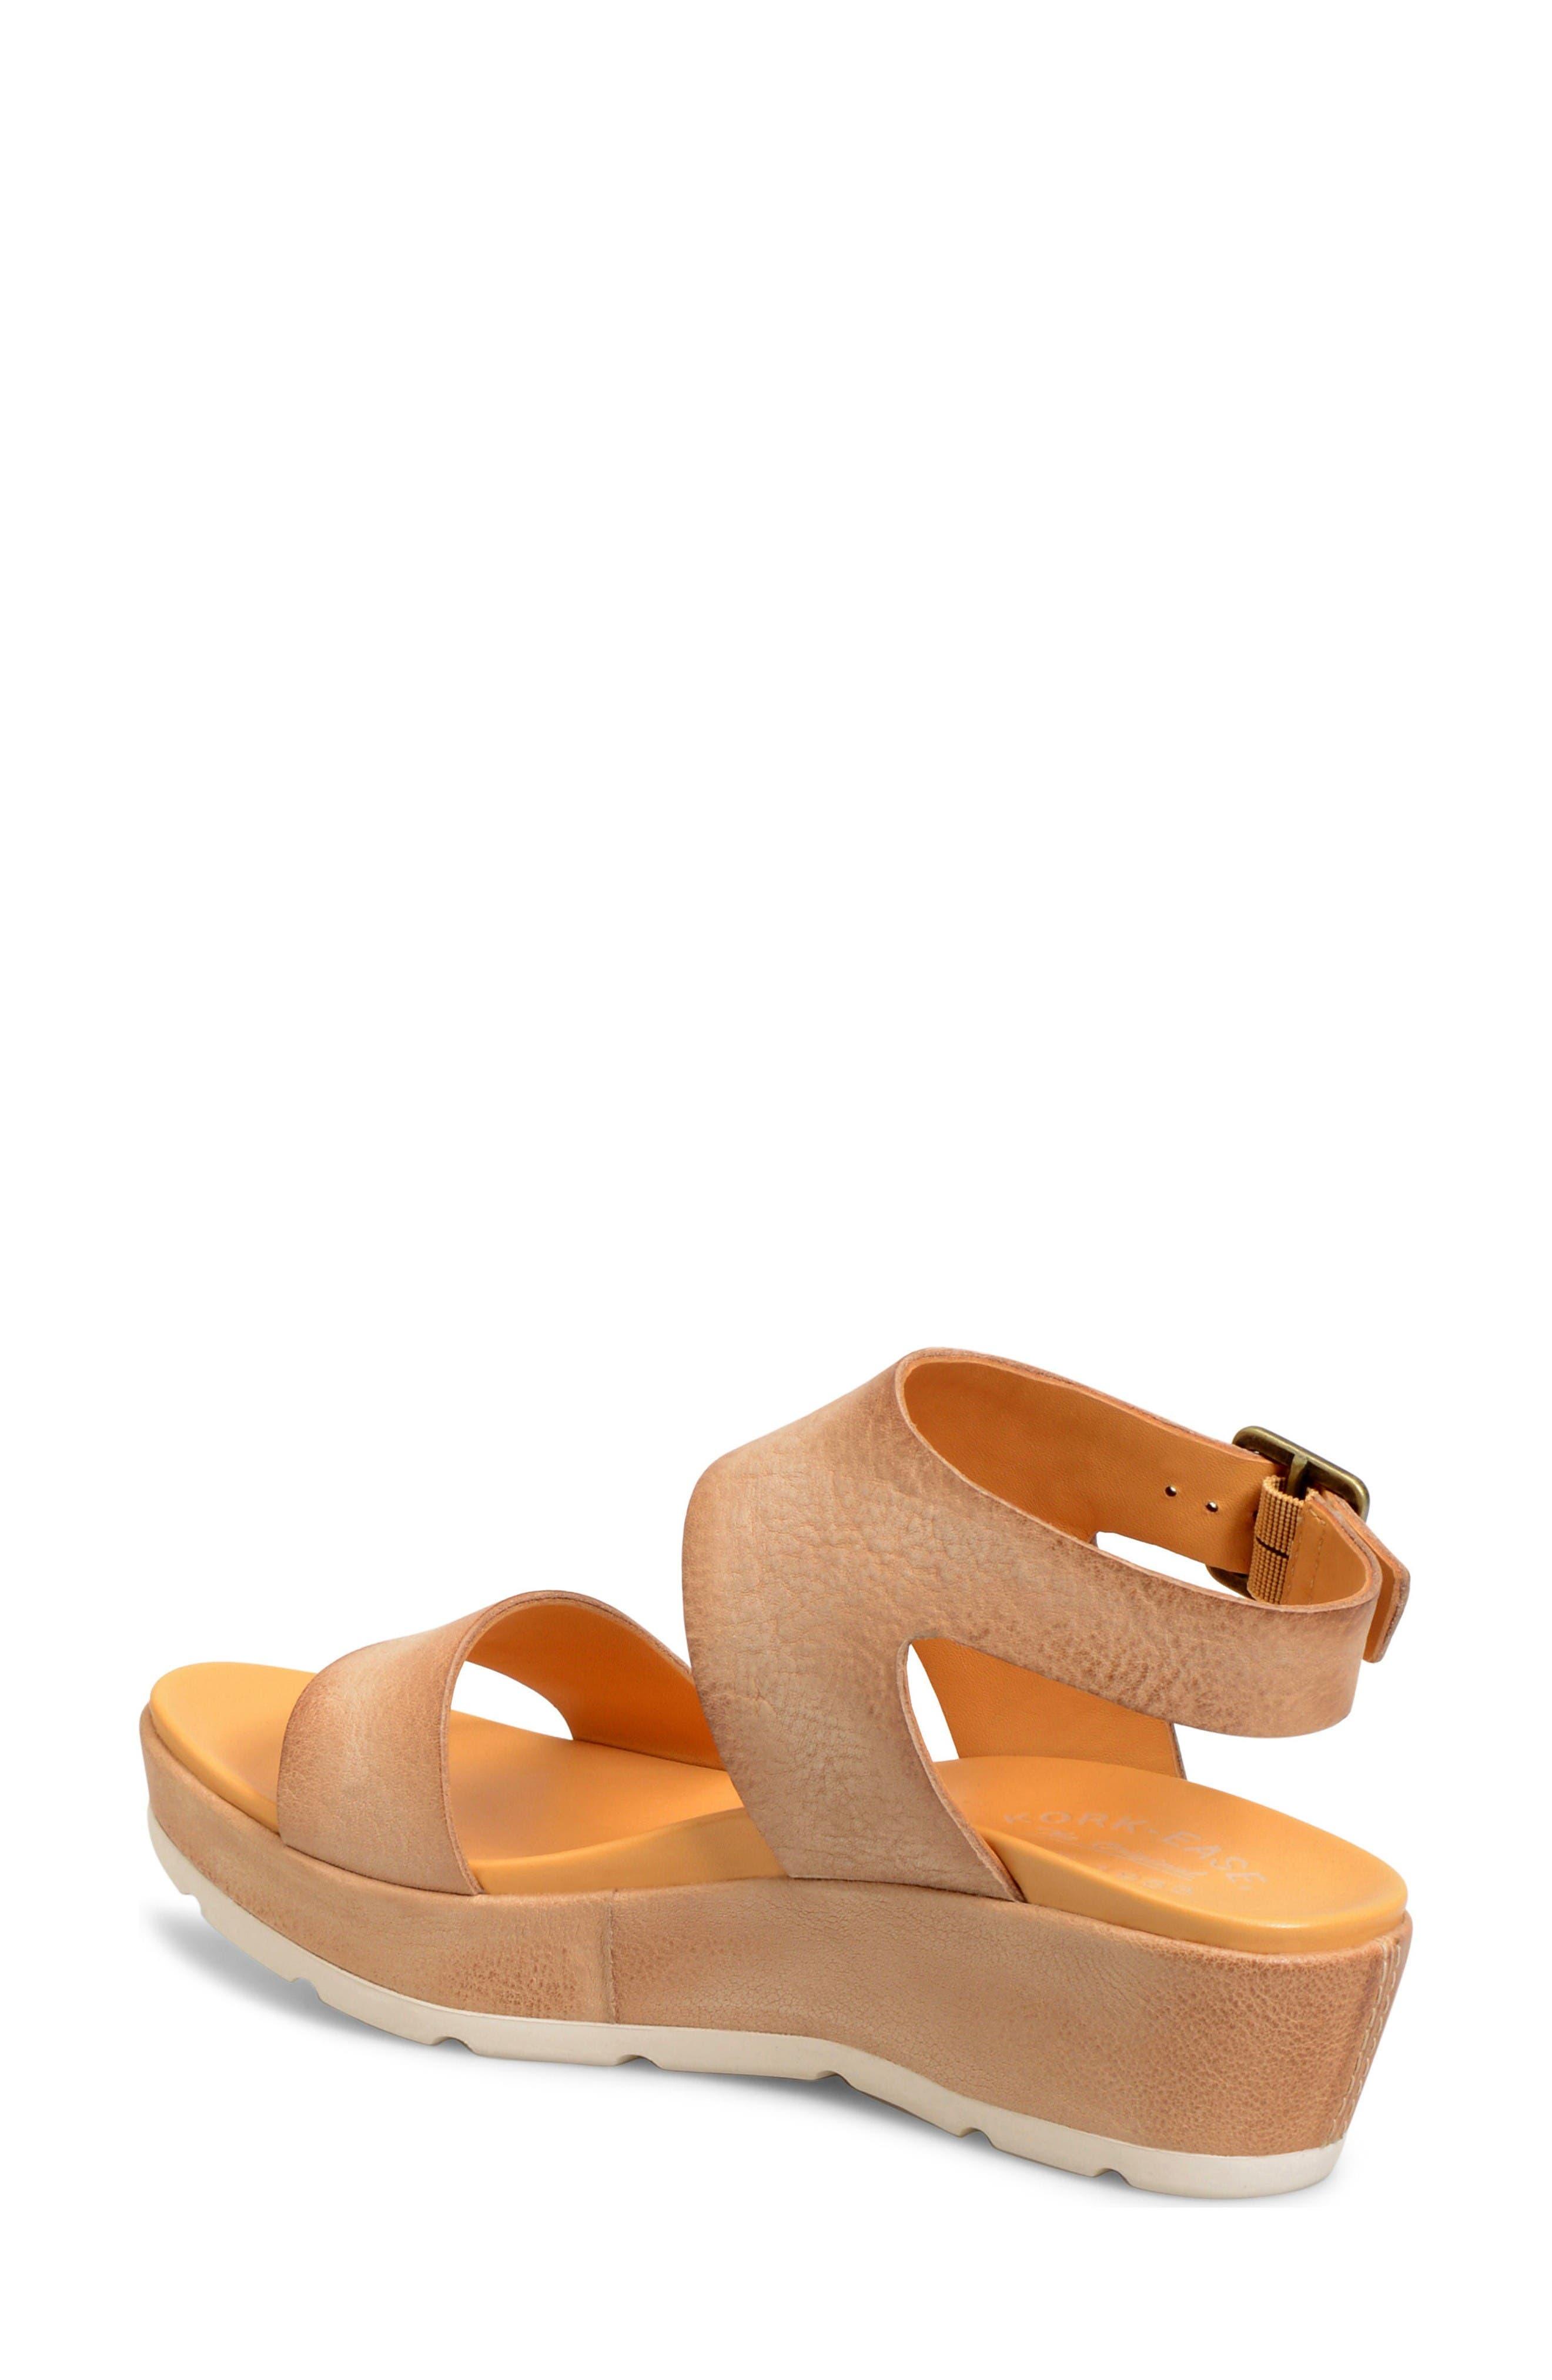 'Khloe' Platform Wedge Sandal,                             Alternate thumbnail 2, color,                             Natural Leather